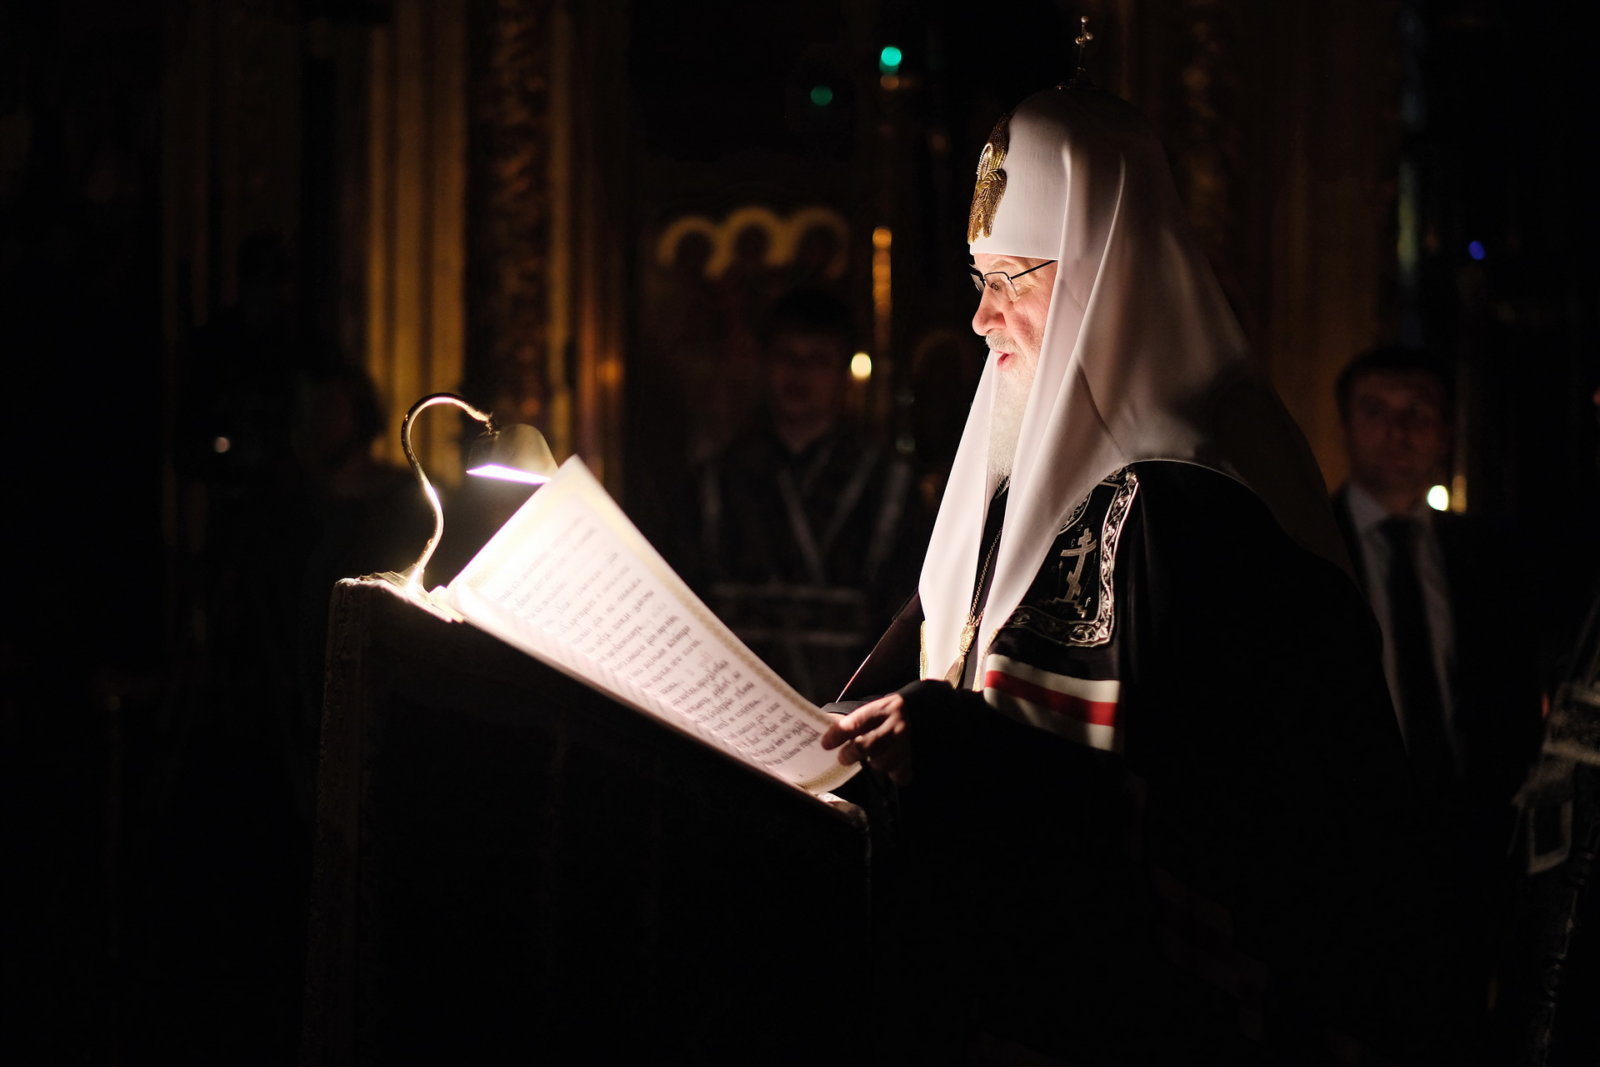 канон великий святого андрея критскго читает патриарх кирил